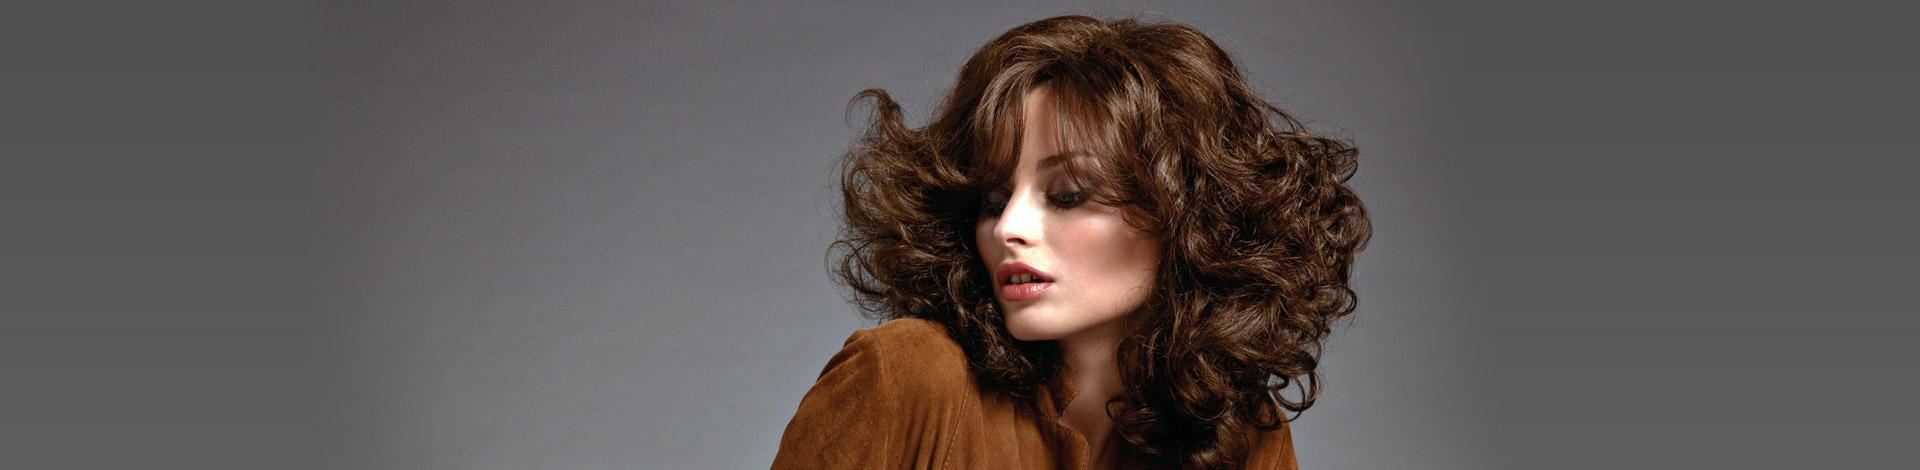 Salon de coiffure et soins esth tiques istres l - Coupe faim naturel radical ...